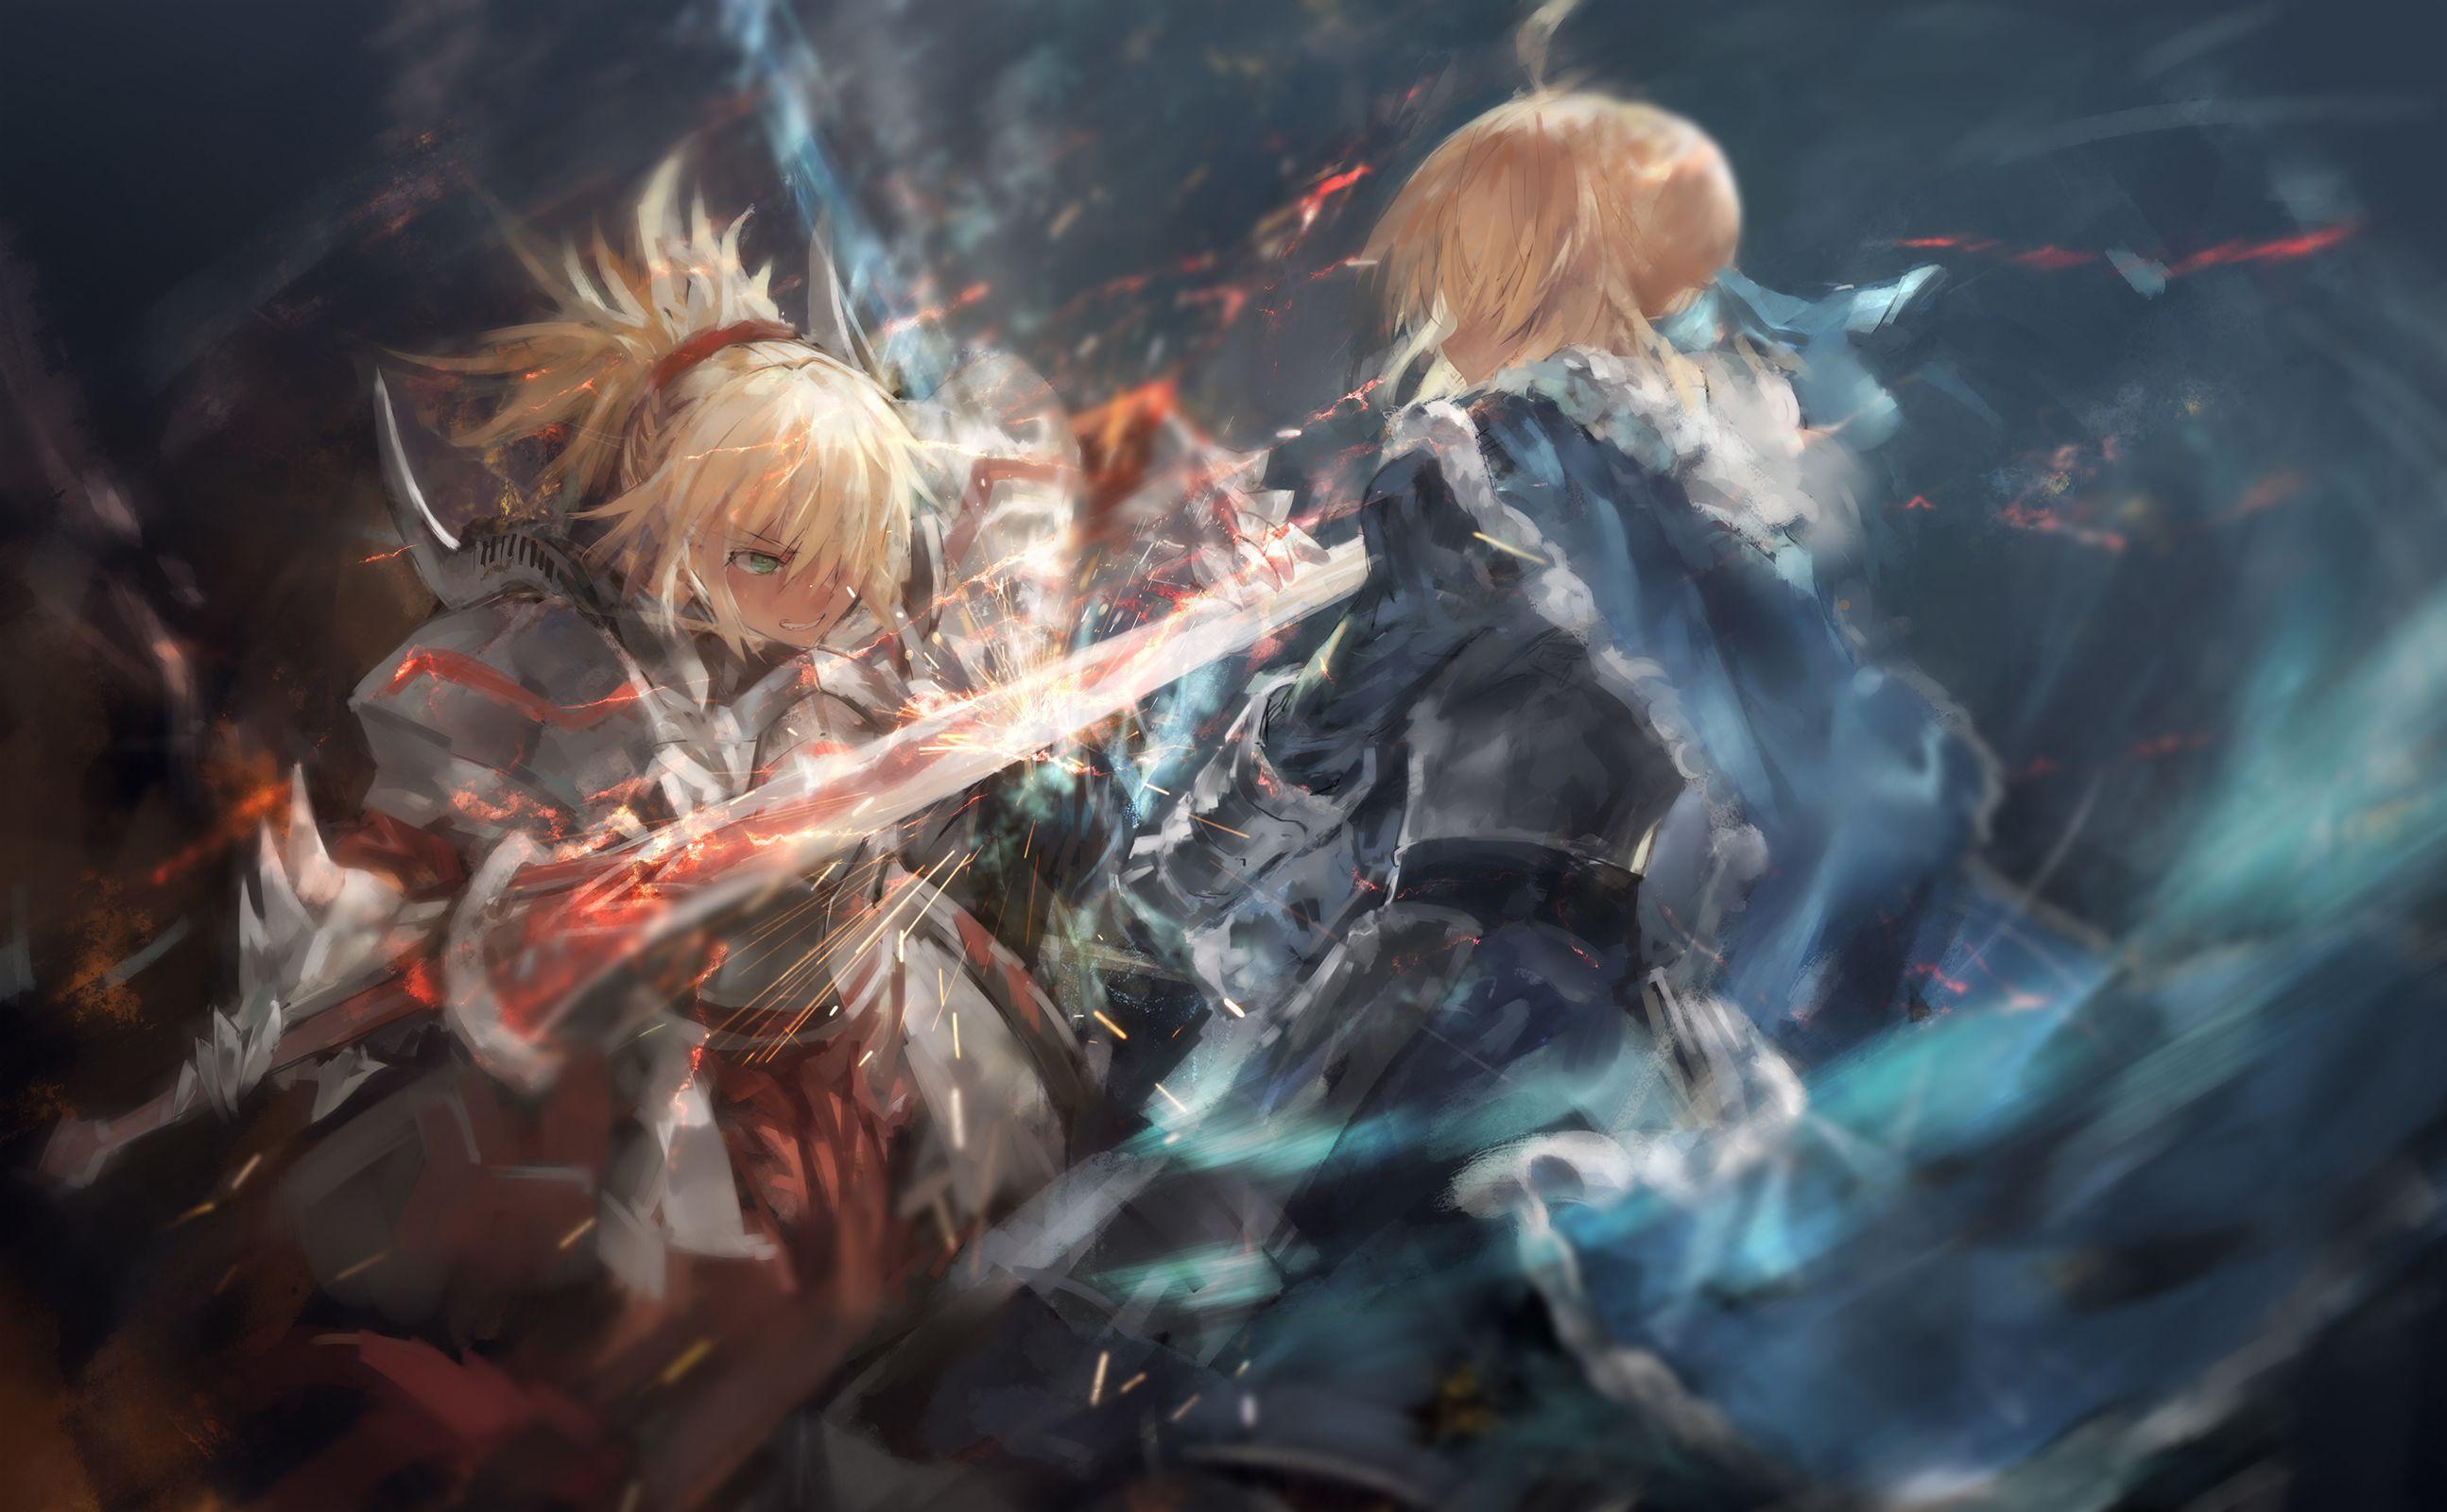 Fate Apocrypha Mordred Arturia Fgo モードレッド Fate